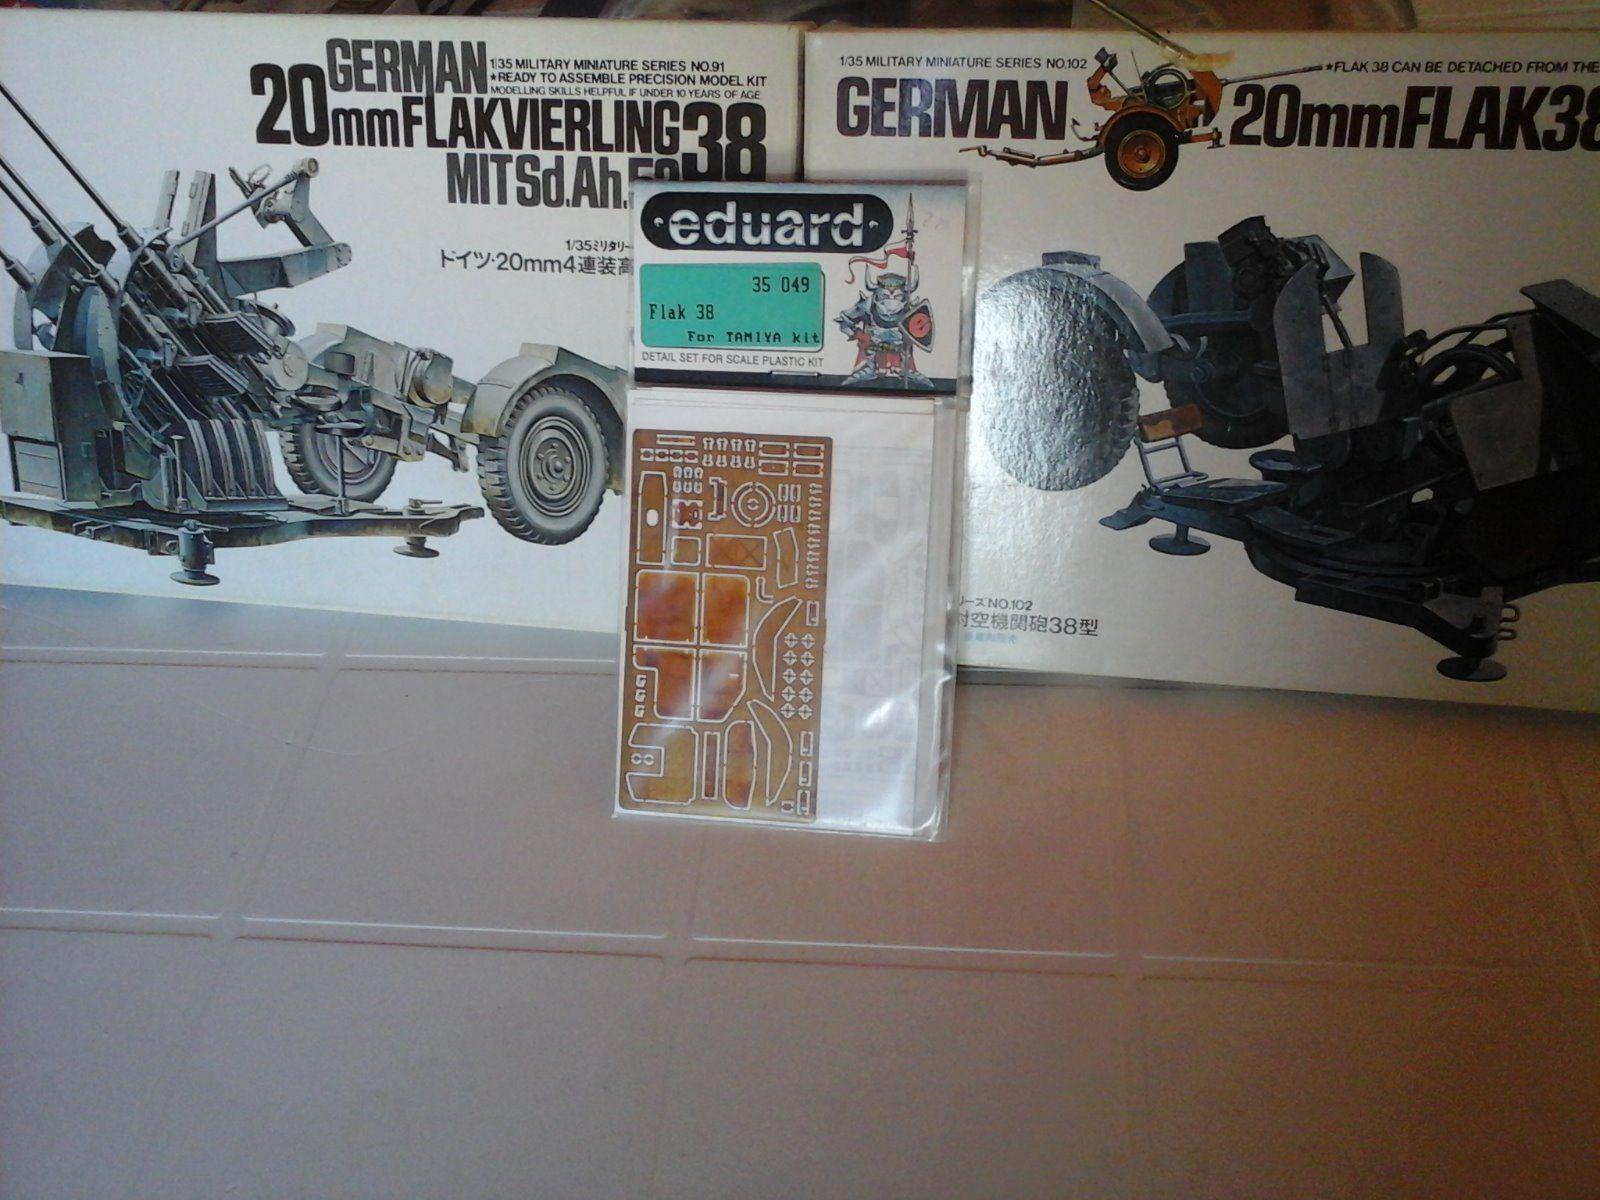 KIT n.3 GERMAN FLAK38 1 35 SCALE TAMIYA MODEL+PHOTOETCHED PARTS EDUARD